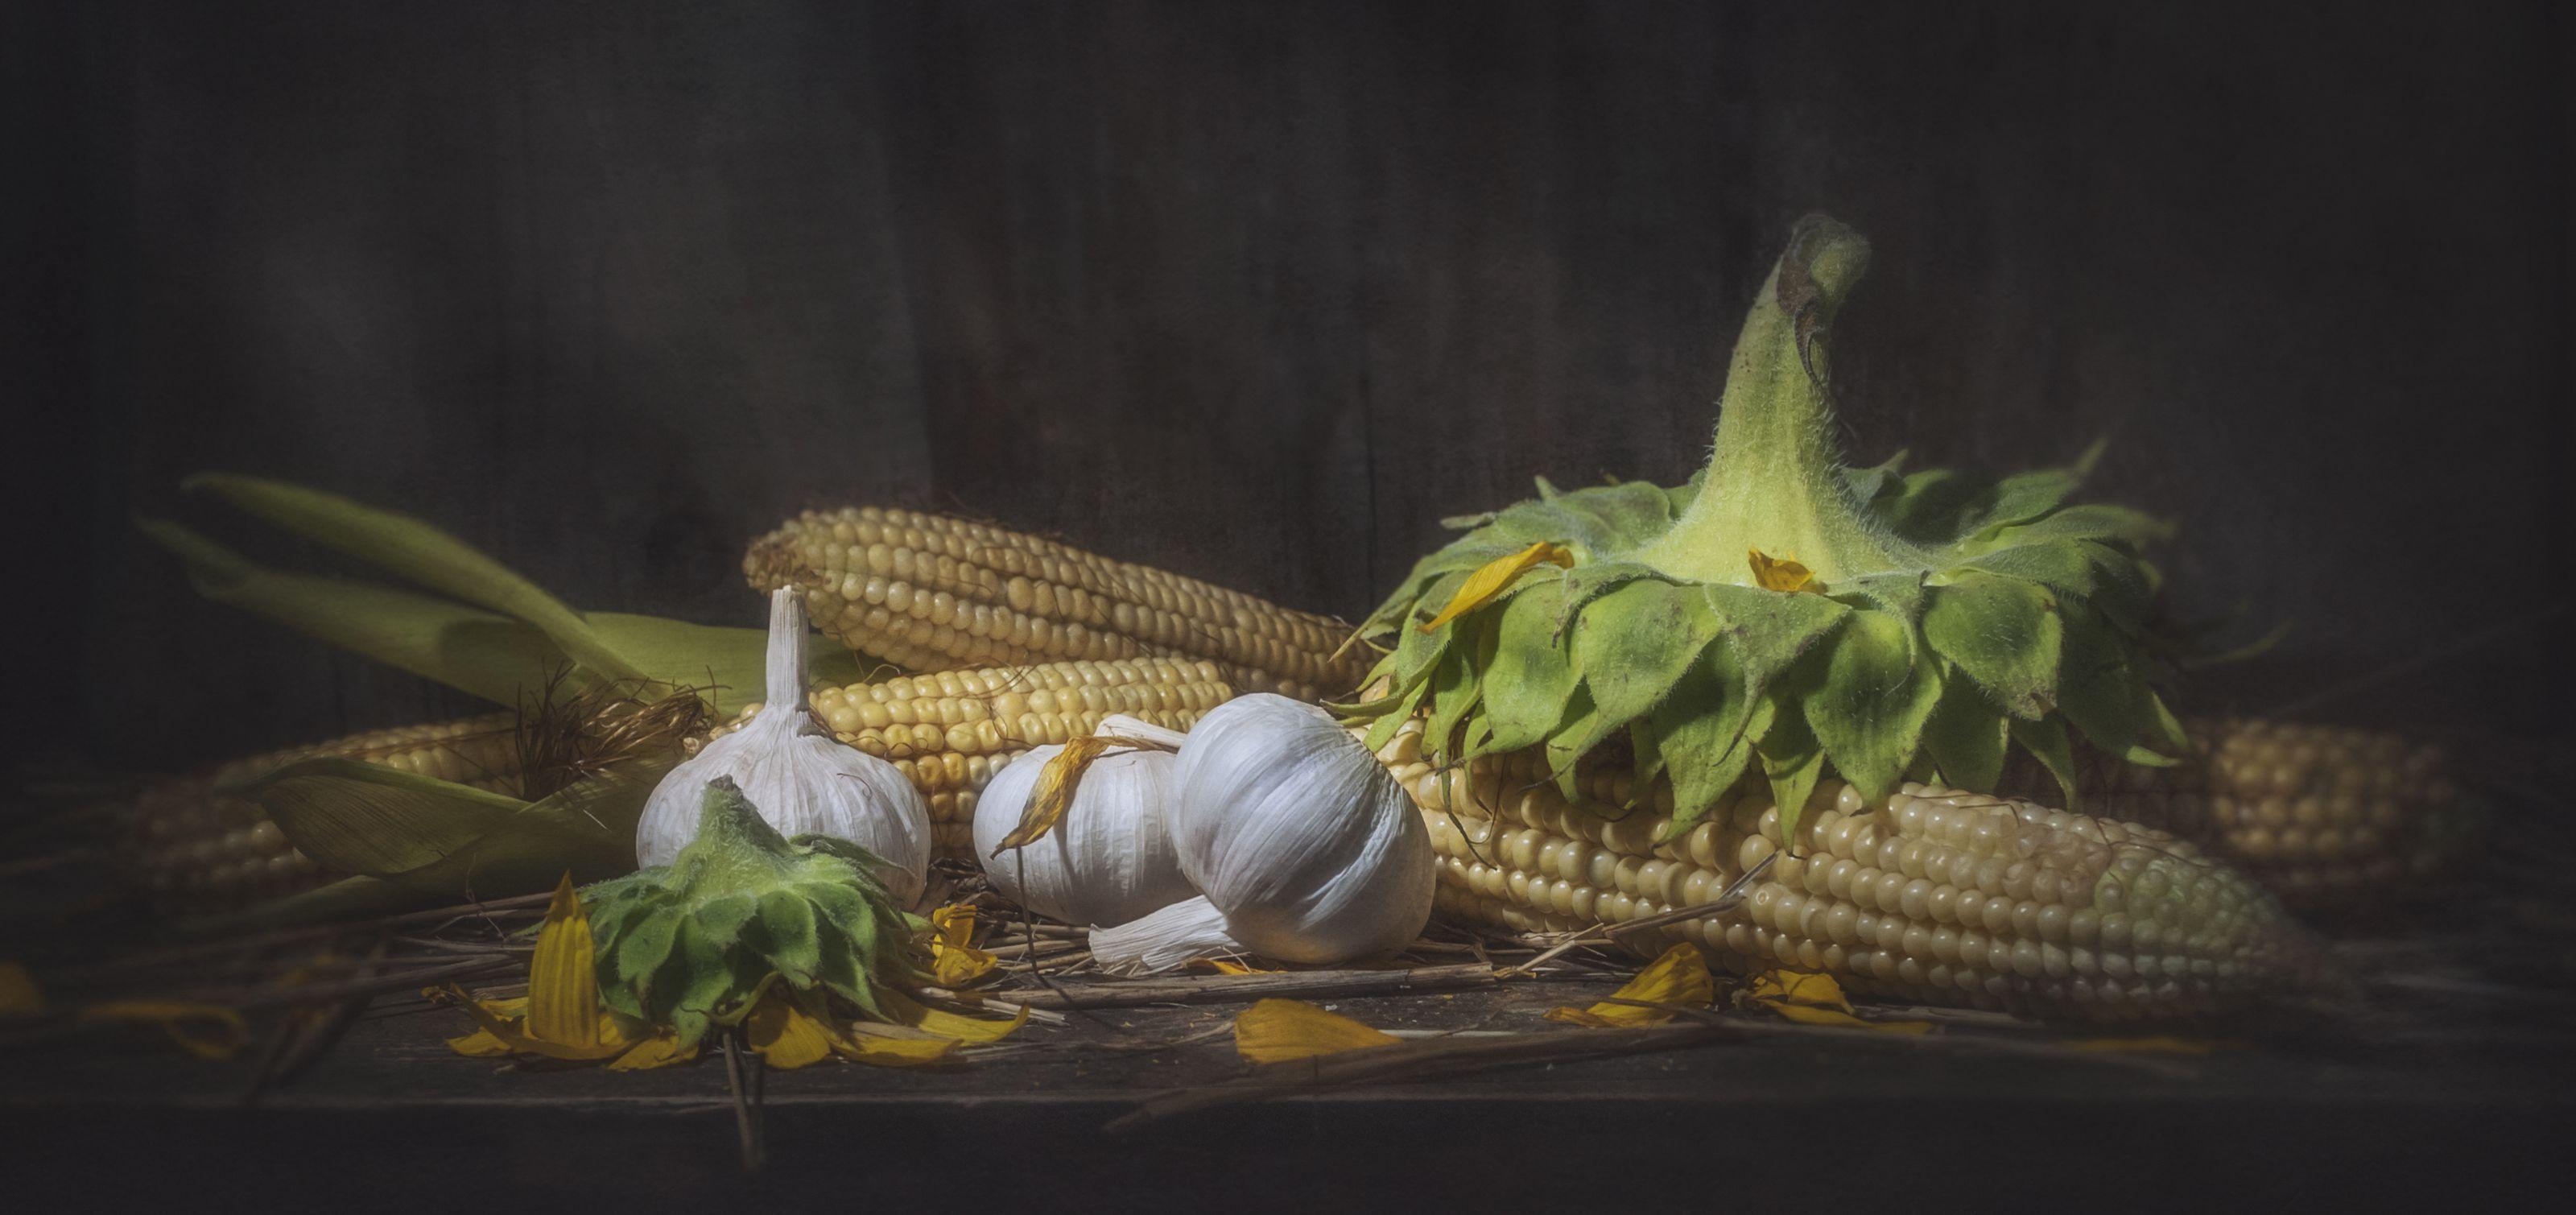 август,кукуруза,корзина,старый,деревенский,подсолнух,чеснок,жёлтый,початки, Володин Владимир